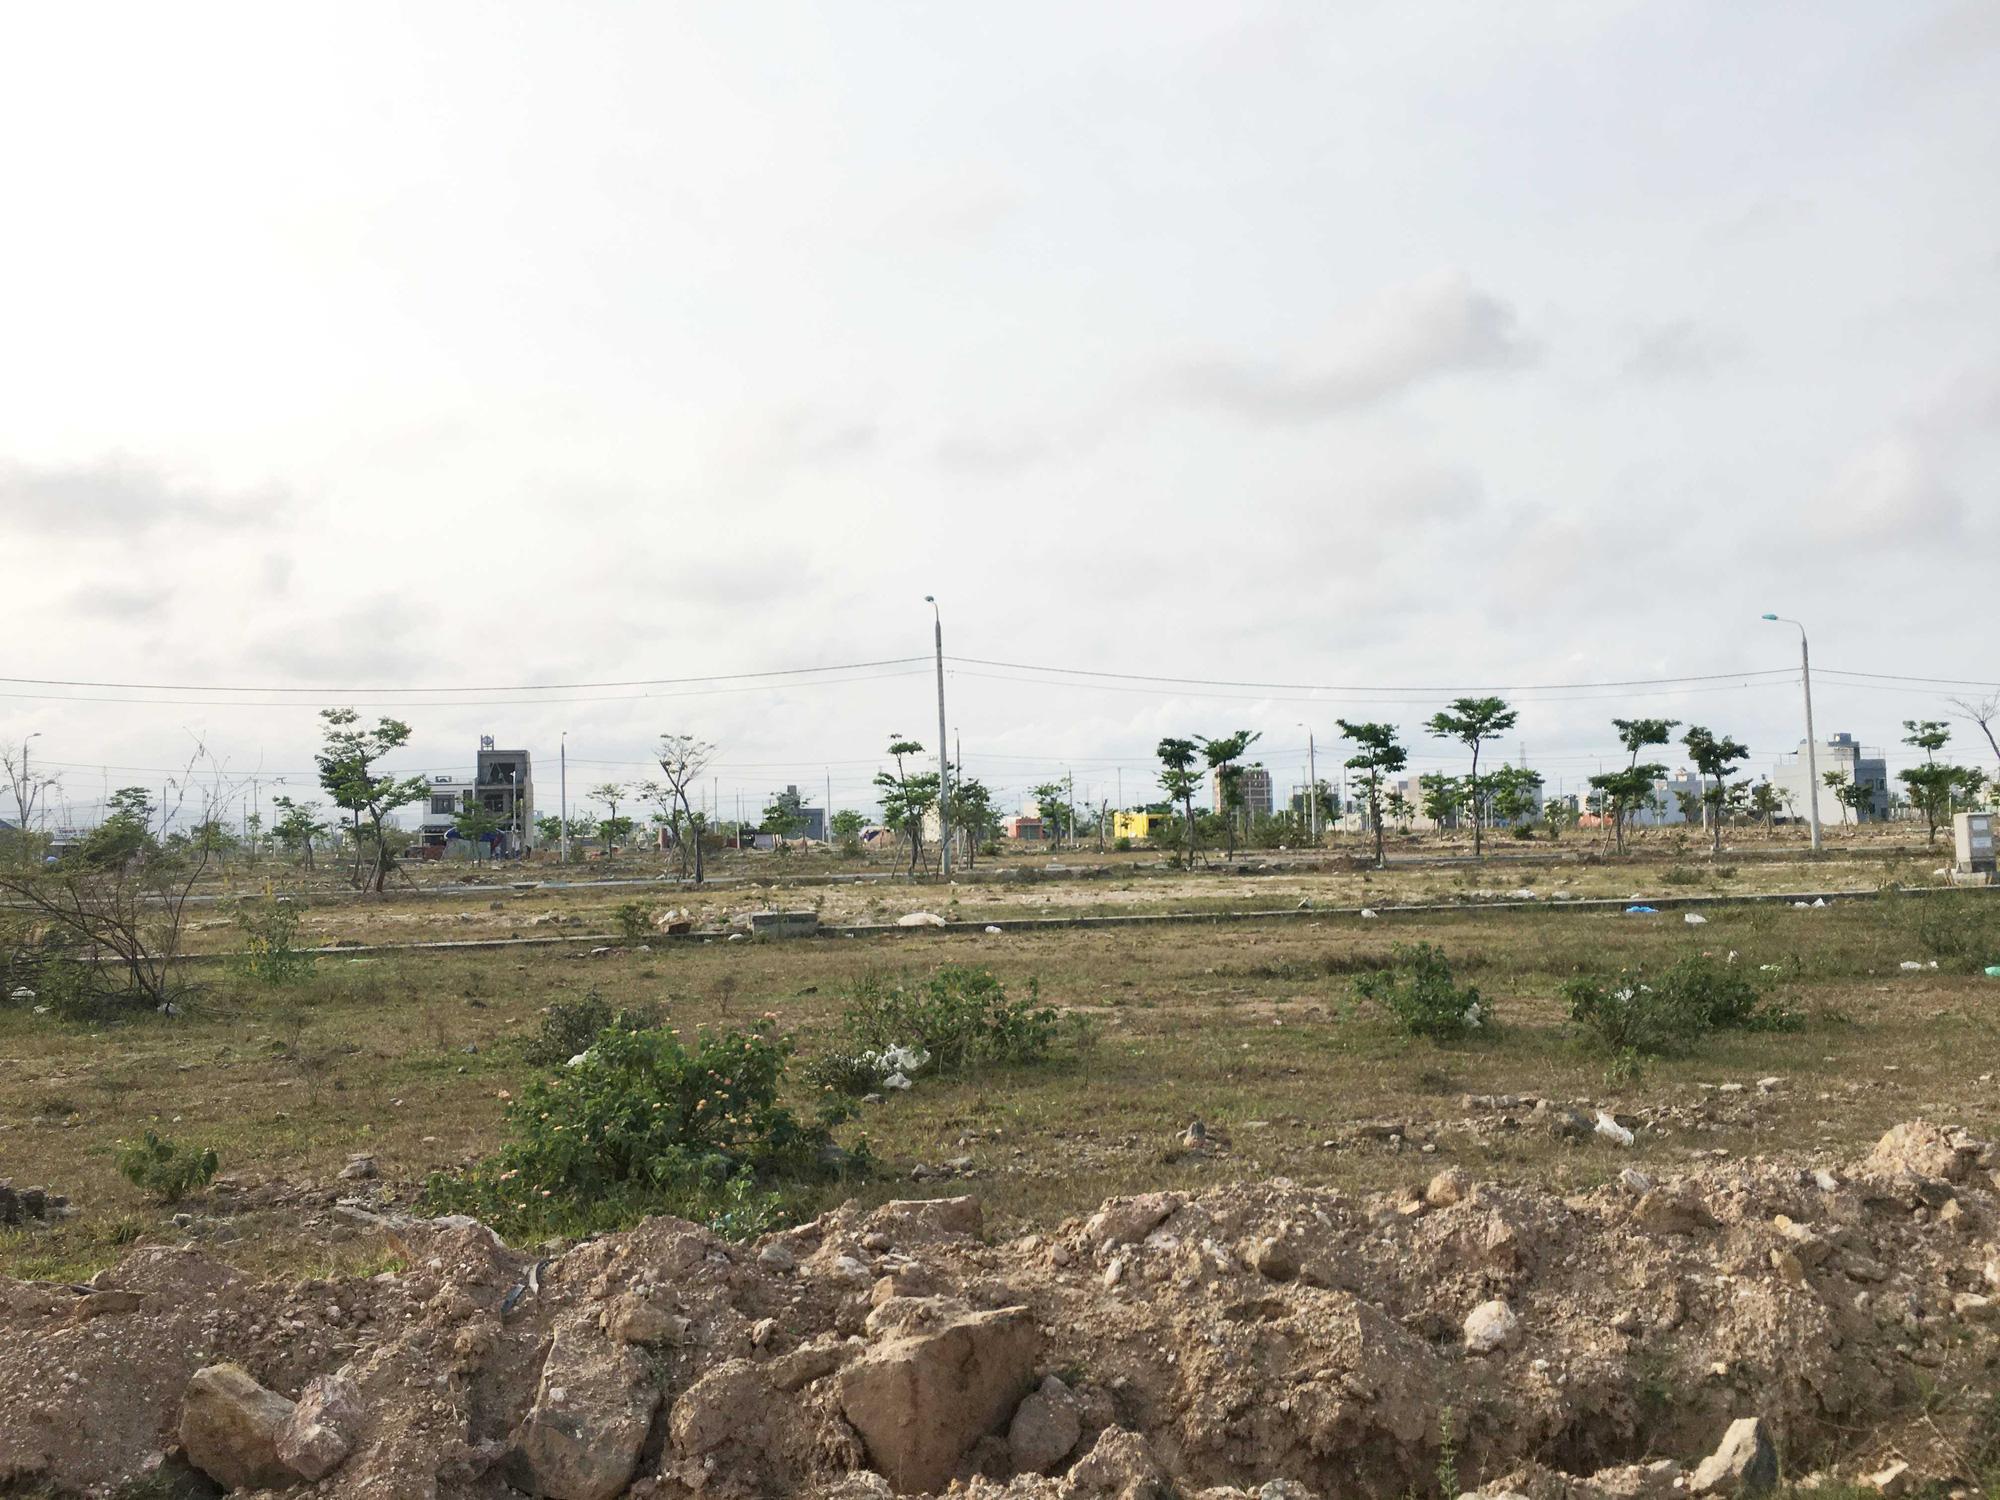 Đất nền Đà Nẵng giảm sâu, có nơi giảm 1,5 tỉ đồng/lô - Ảnh 2.